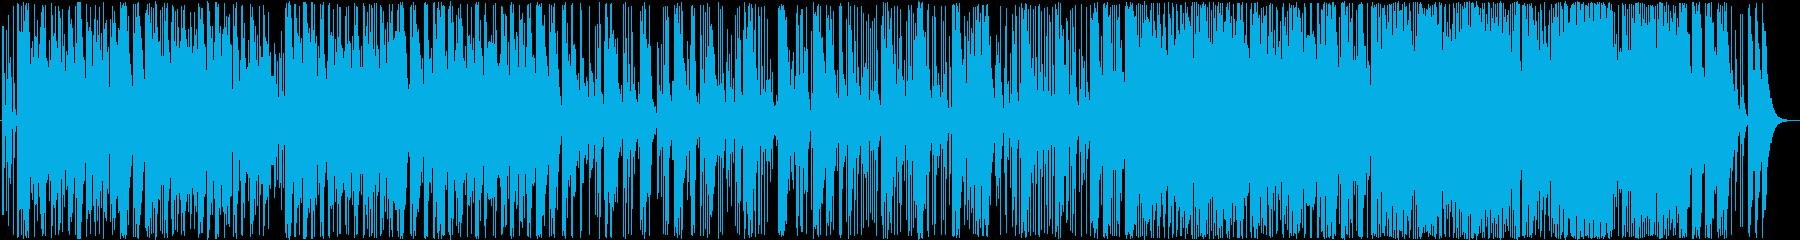 展開のある和太鼓曲(ループ可)の再生済みの波形